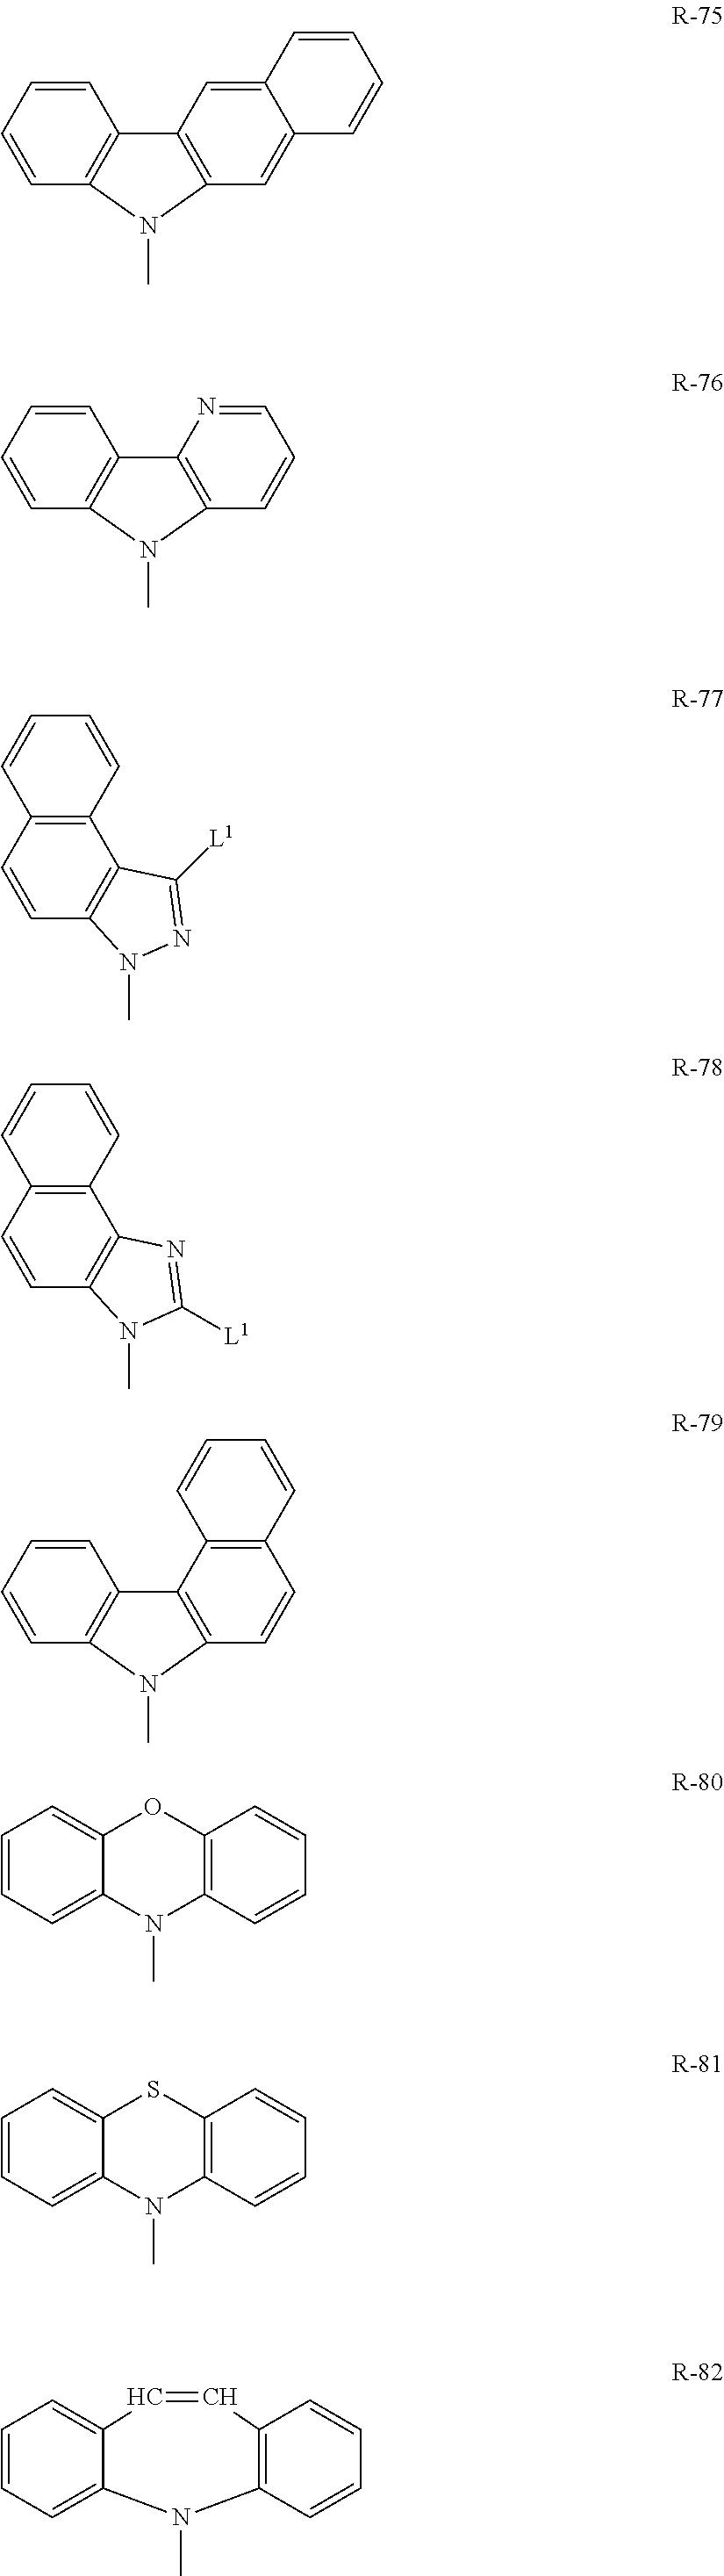 Figure US20110215312A1-20110908-C00028